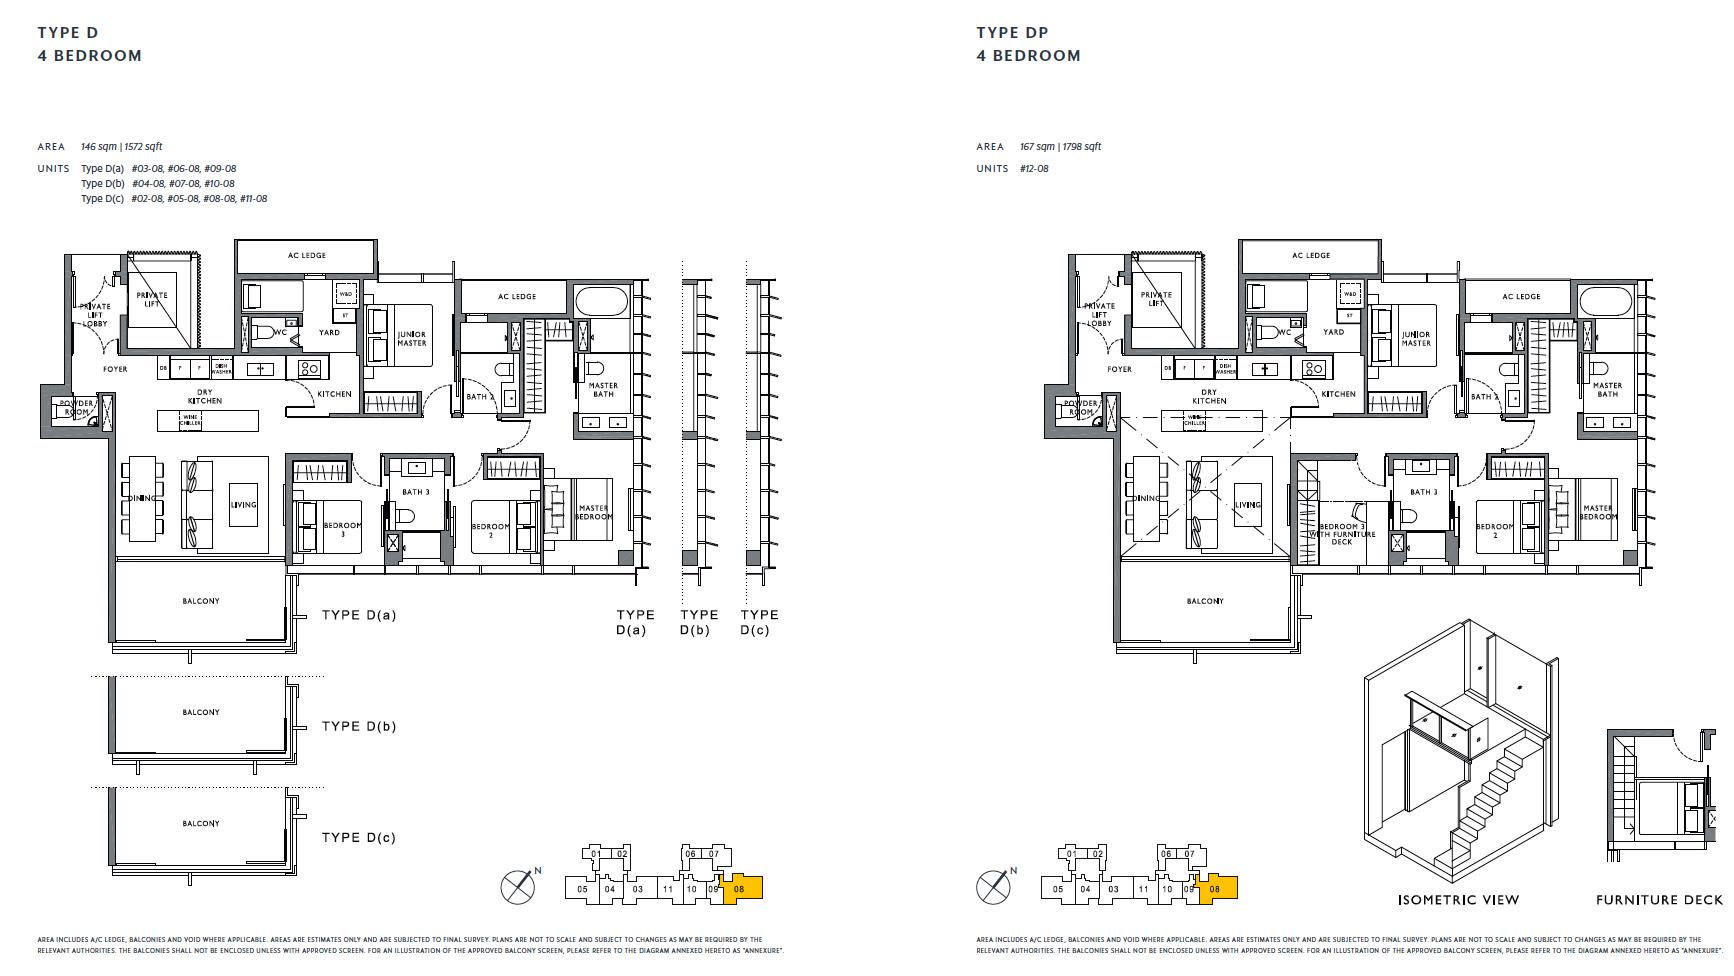 The-Hyde-4-bedroom-floor-plan